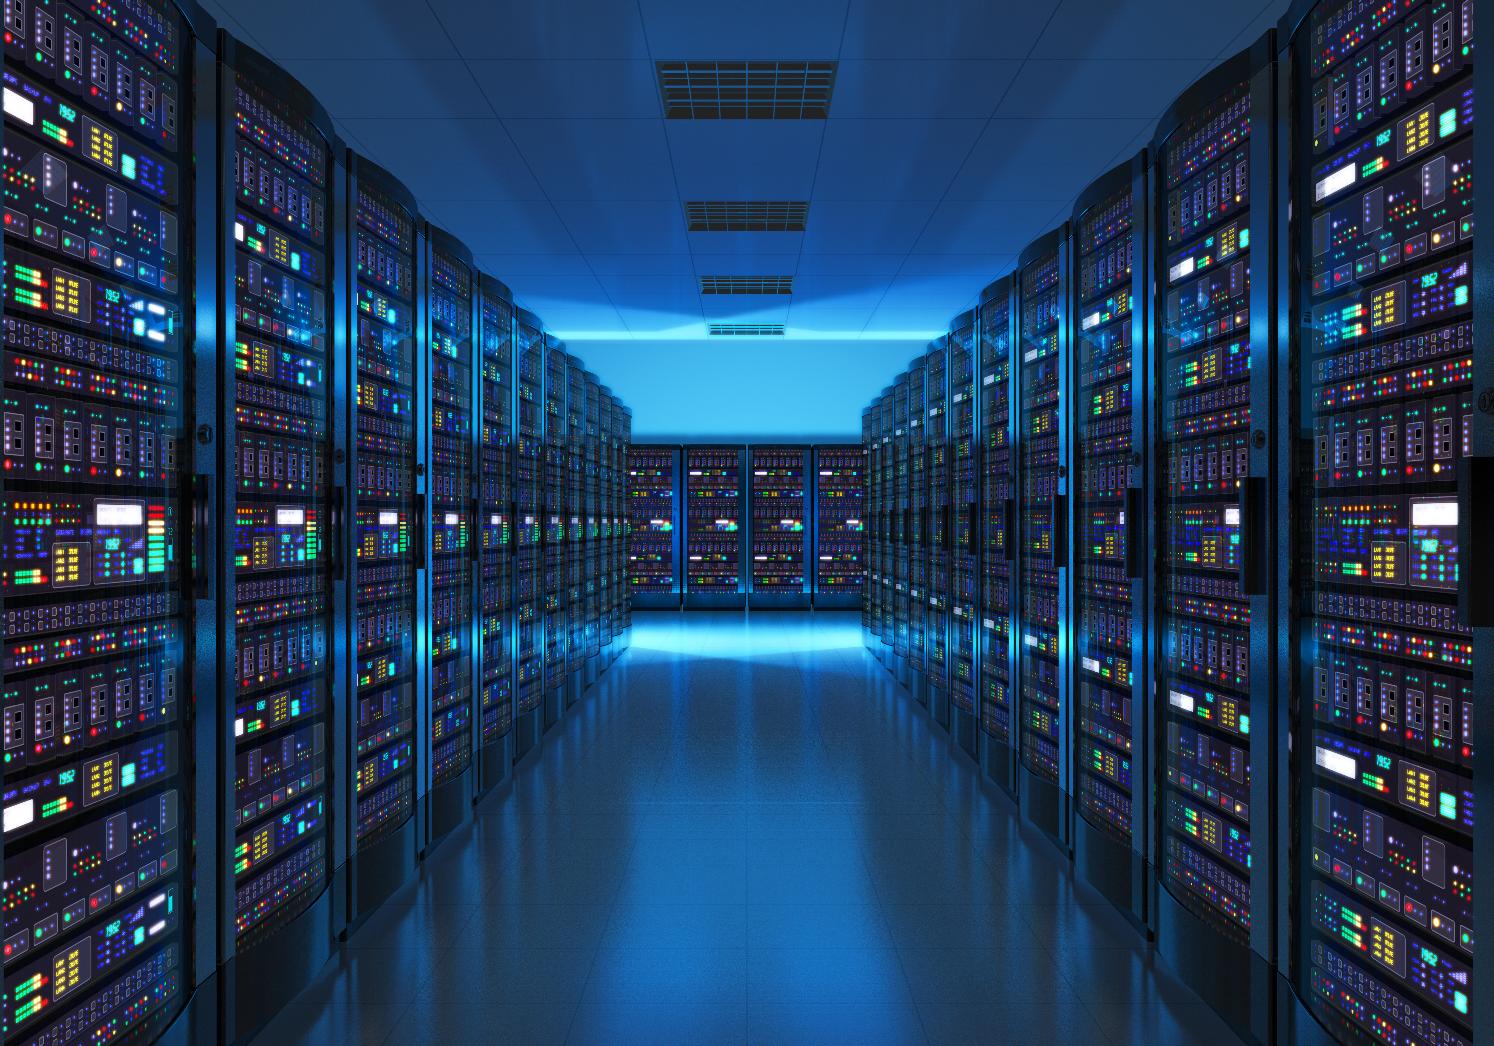 Enterprise IT Automation Data center